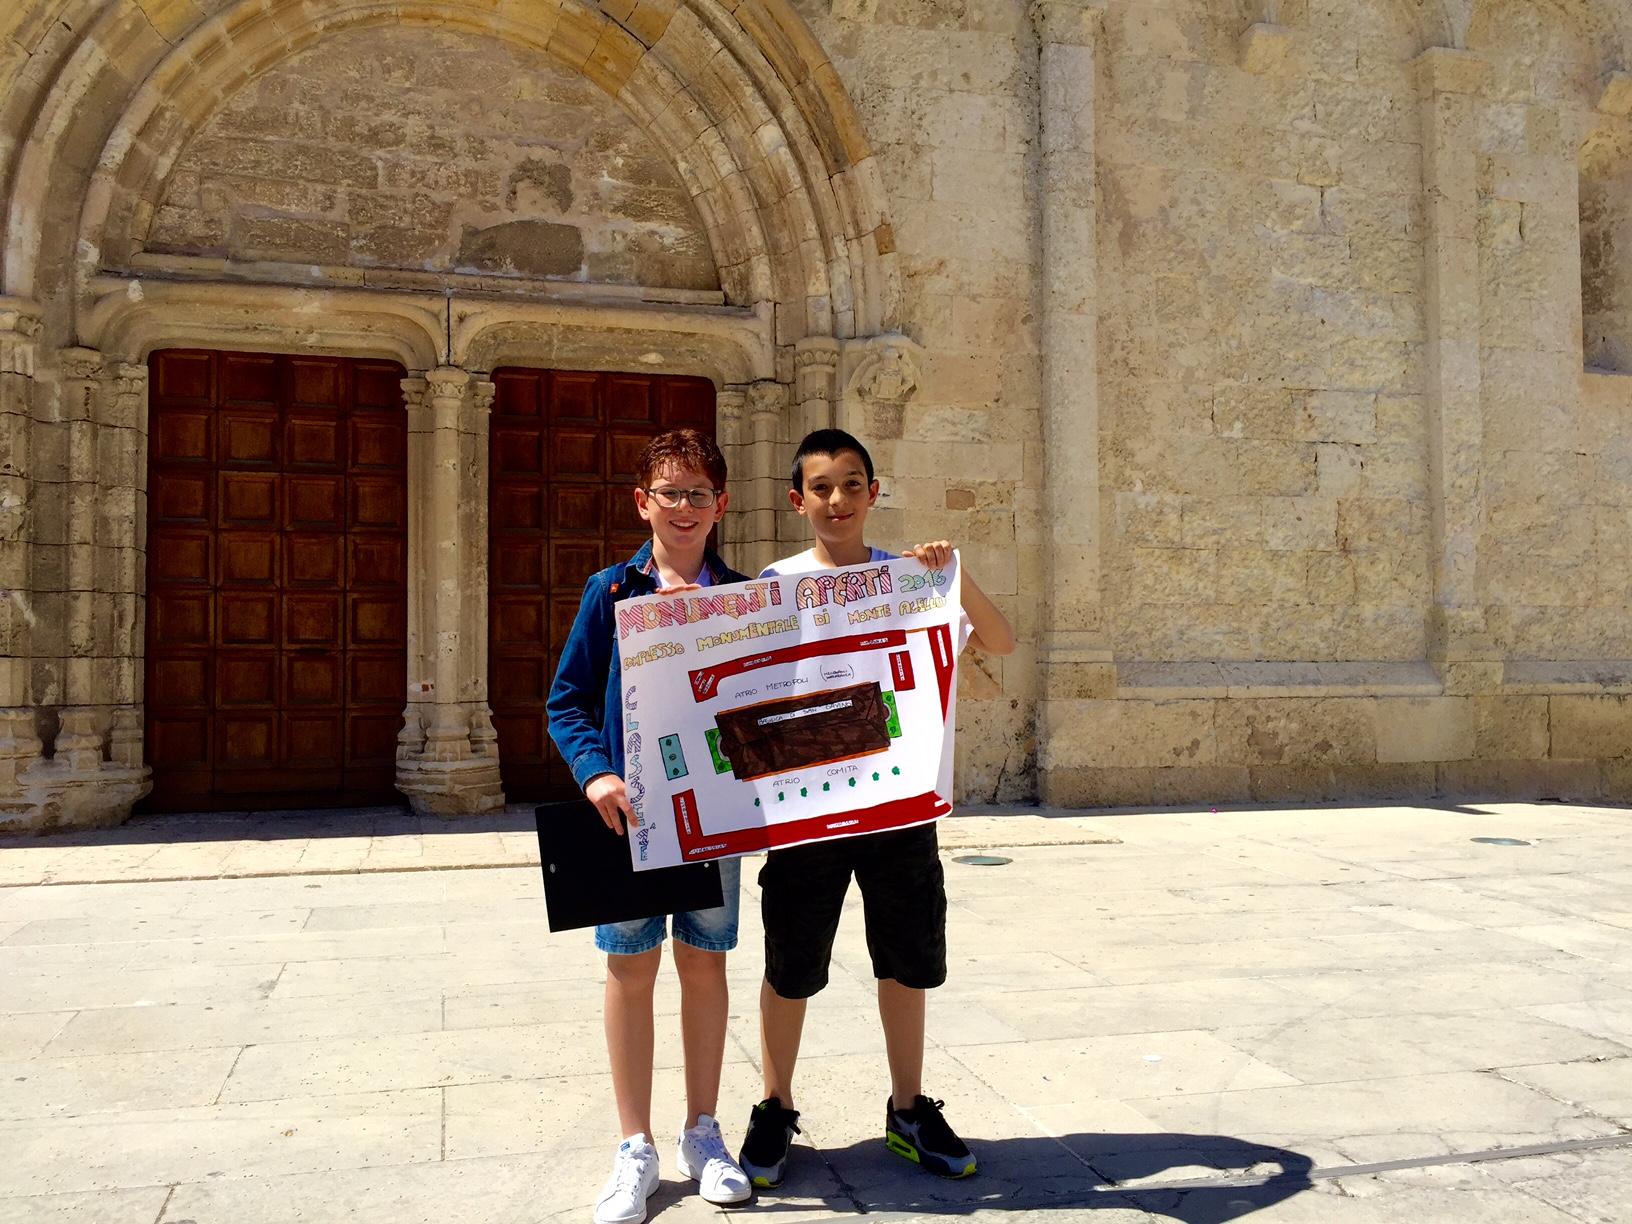 Grande successo di Monumenti aperti 2016 domenica 22 maggio a Porto Torres e sull'isola parco dell'Asinara con circa 17500 visitatori totalizzati. Area archeologica di Turris Libisonis. Basilica di San Gavino.